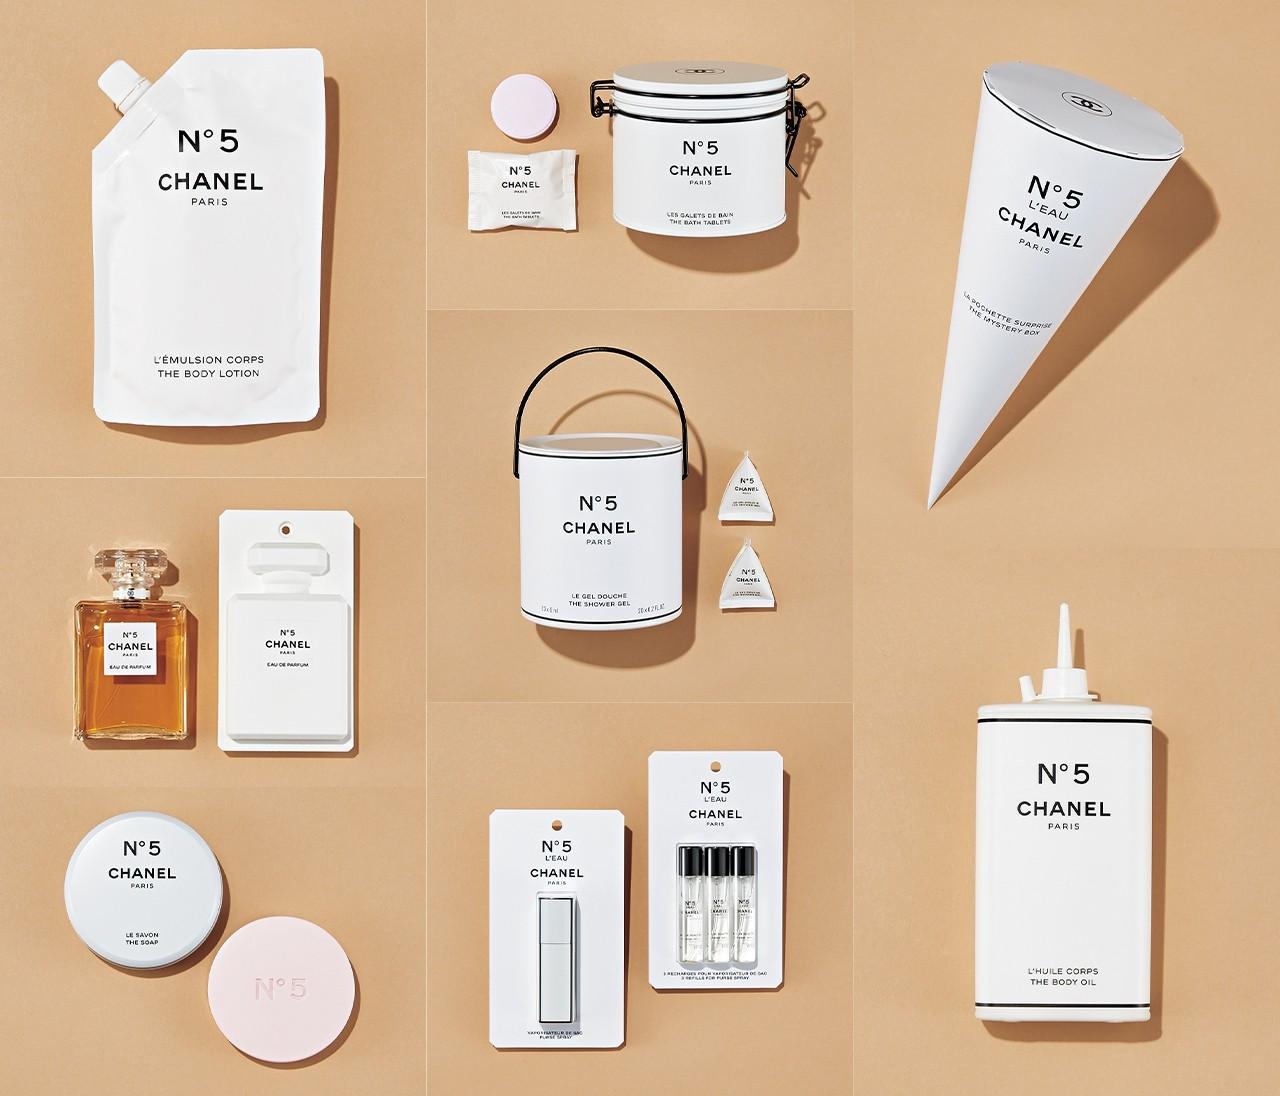 【シャネル】完売必至!伝説の香水「シャネル N°5」100周年を記念した限定コレクションが登場!